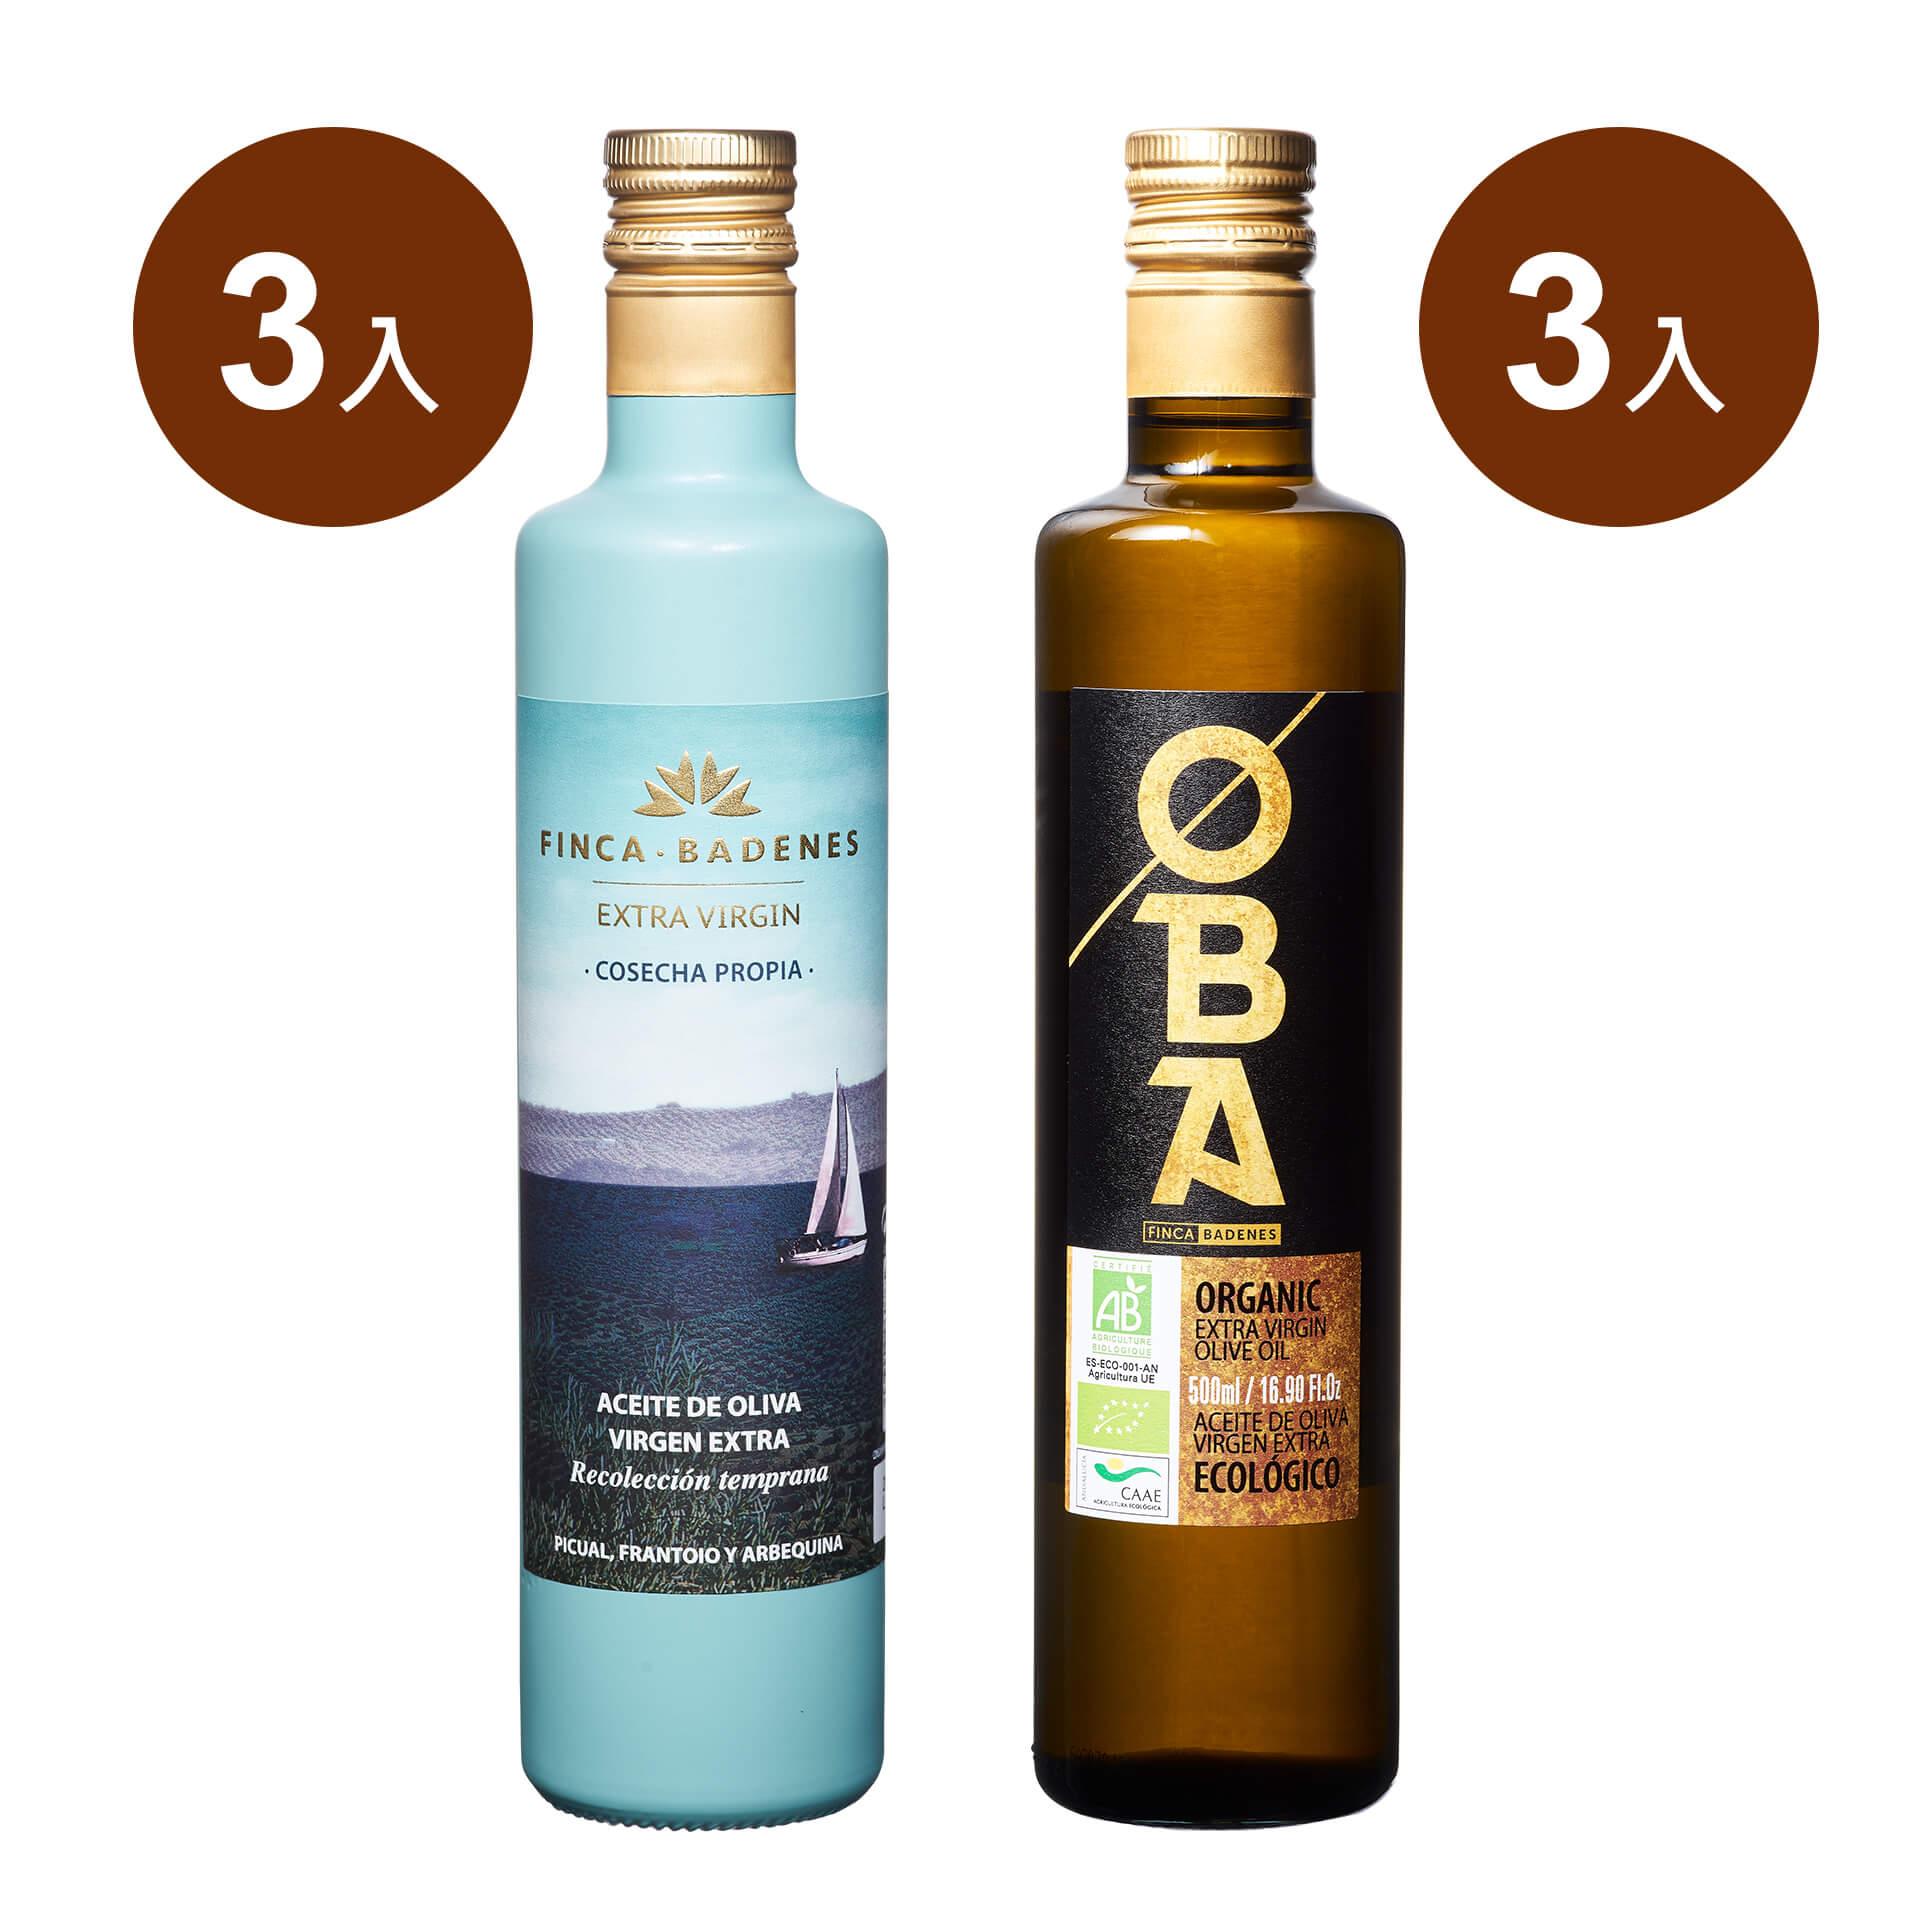 【箱箱購-早鳥預購】巴狄尼絲橄欖油(500ml)3入+OBA有機橄欖油(500ml)3入